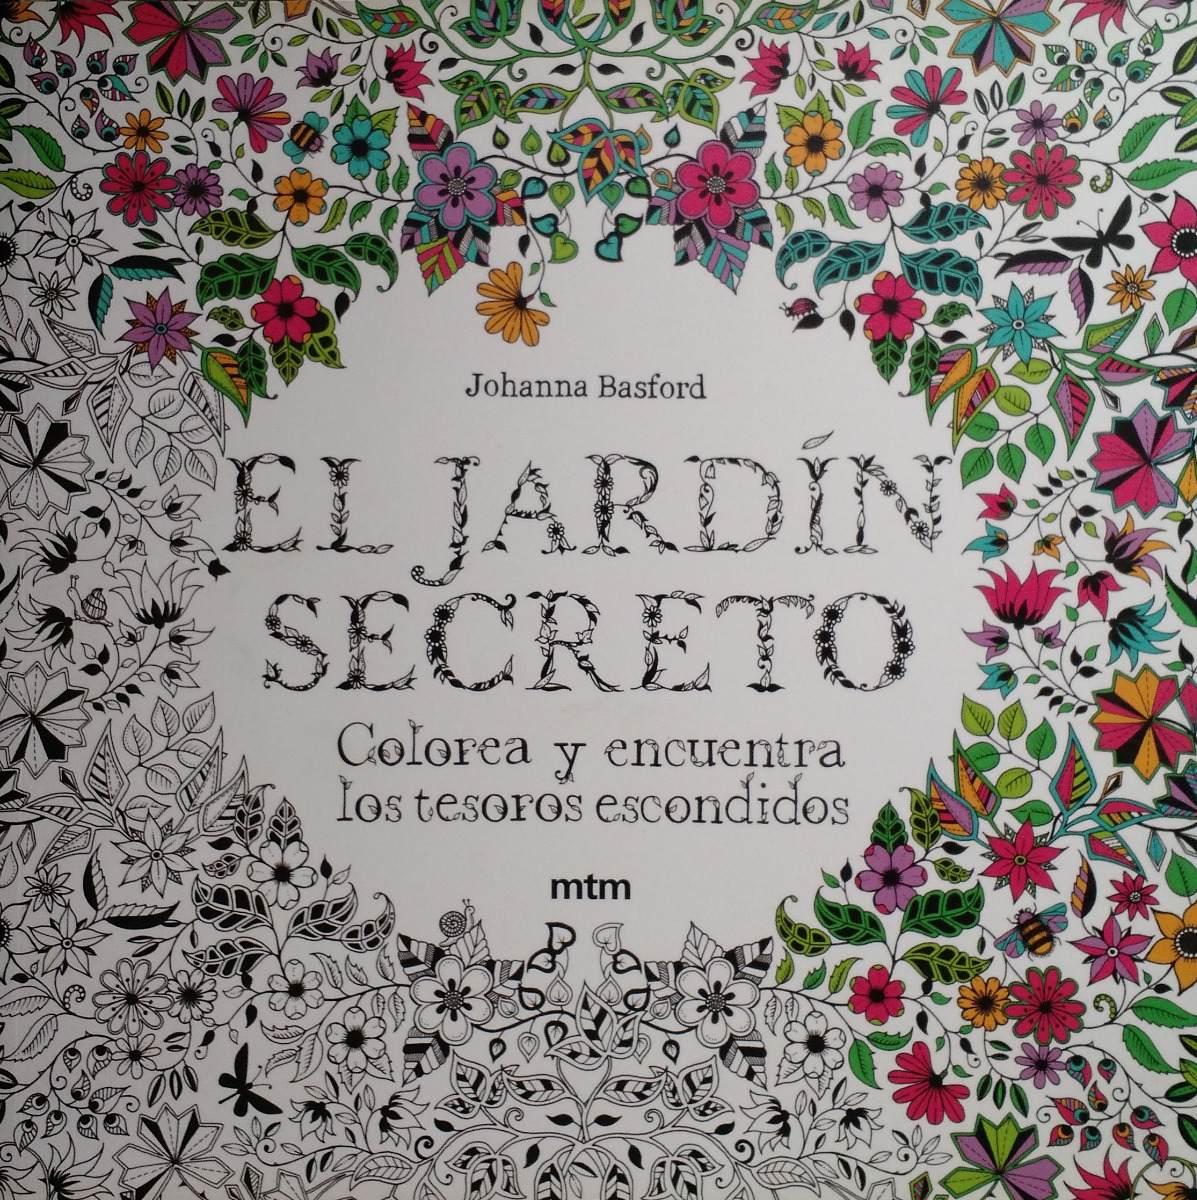 Libros El Jardin Secreto Johanna Basford Zbierac 229 99 En